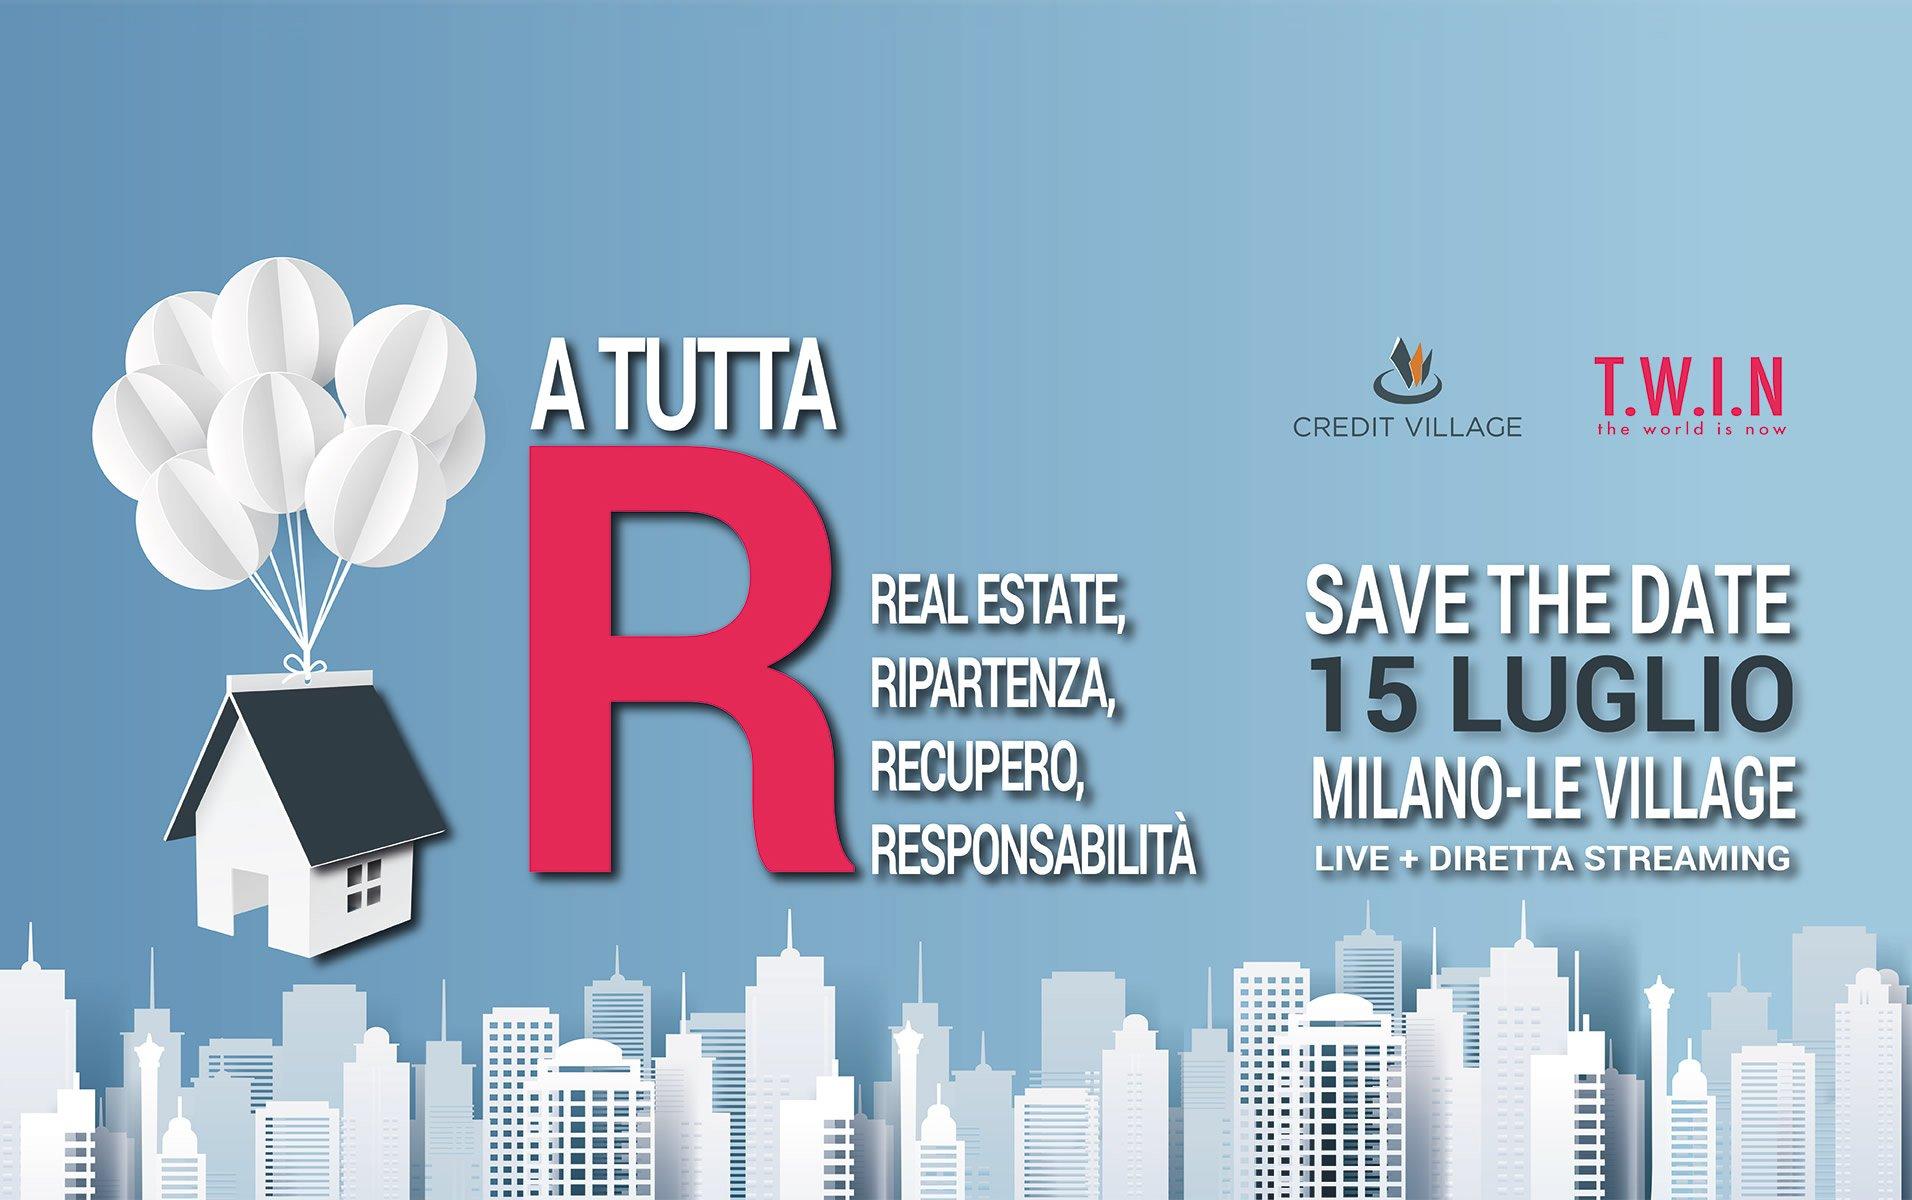 A tutta R - 15 luglio a Milano l'evento di Credit Village e Twin